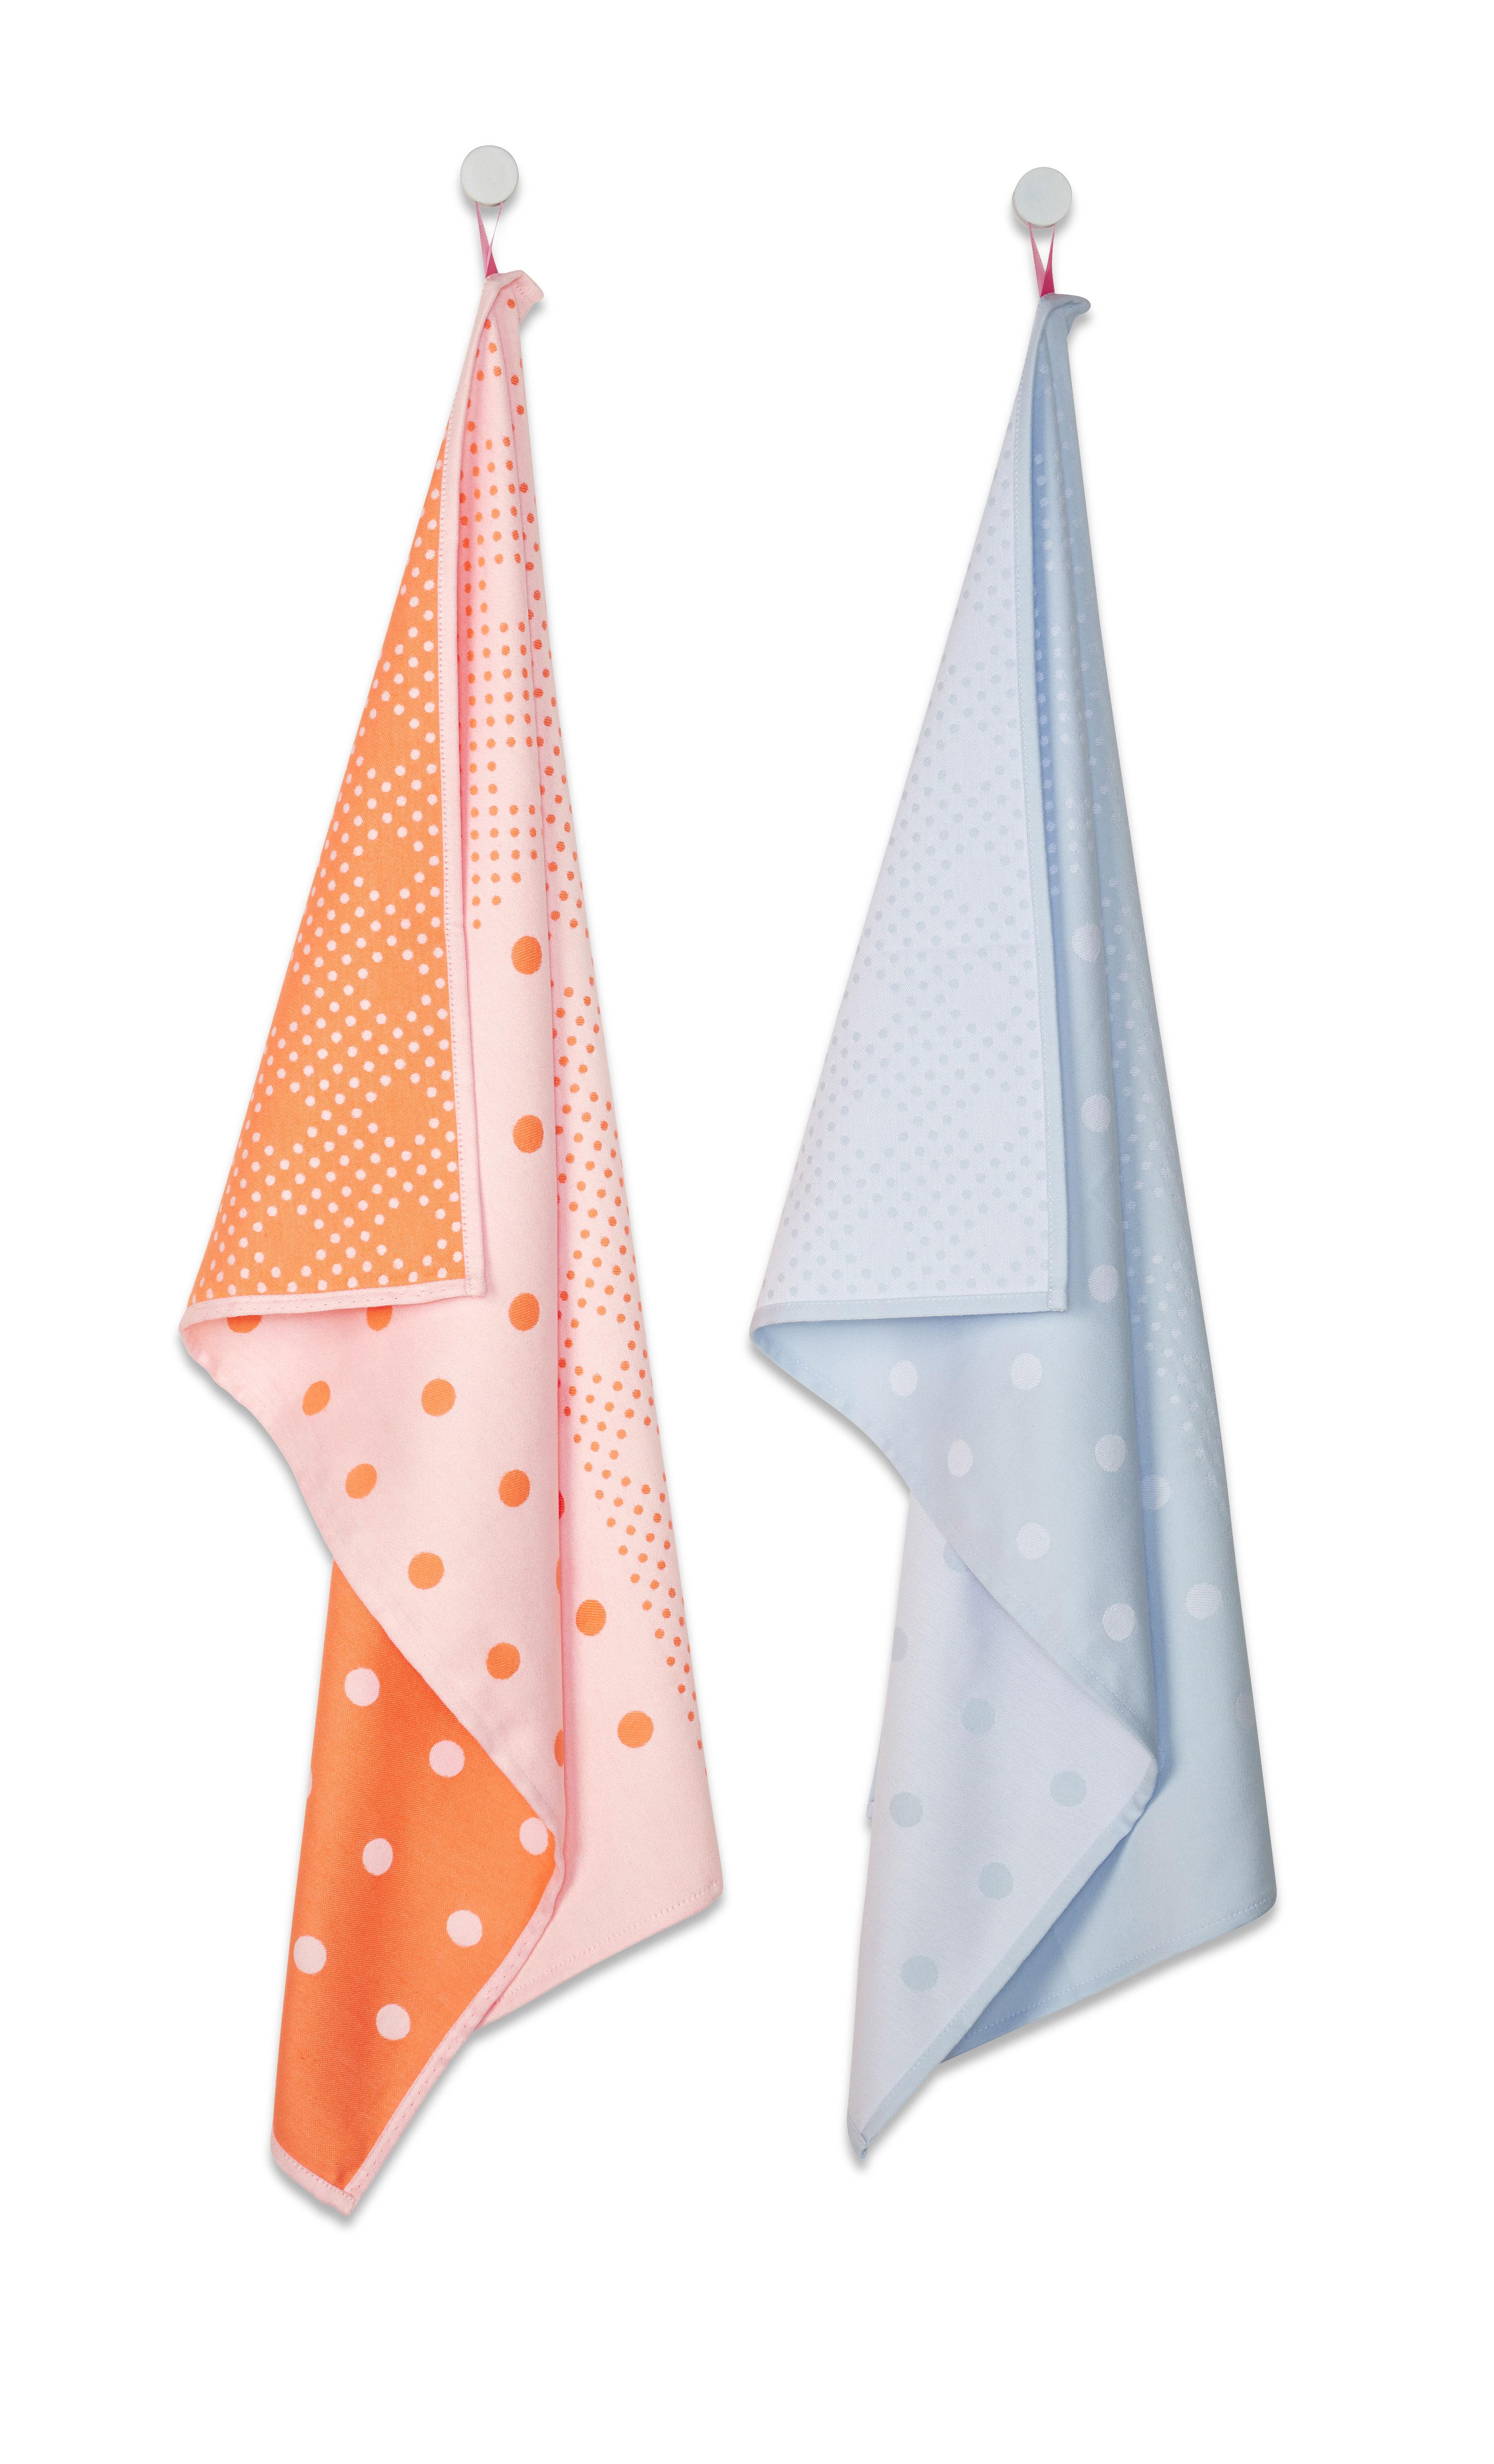 Cucina - Grembiuli e Strofinacci - Strofinaccio Big Dots - / Set da 2 di Hay - Arancione & rosa / blu - Cotone, Poliestere